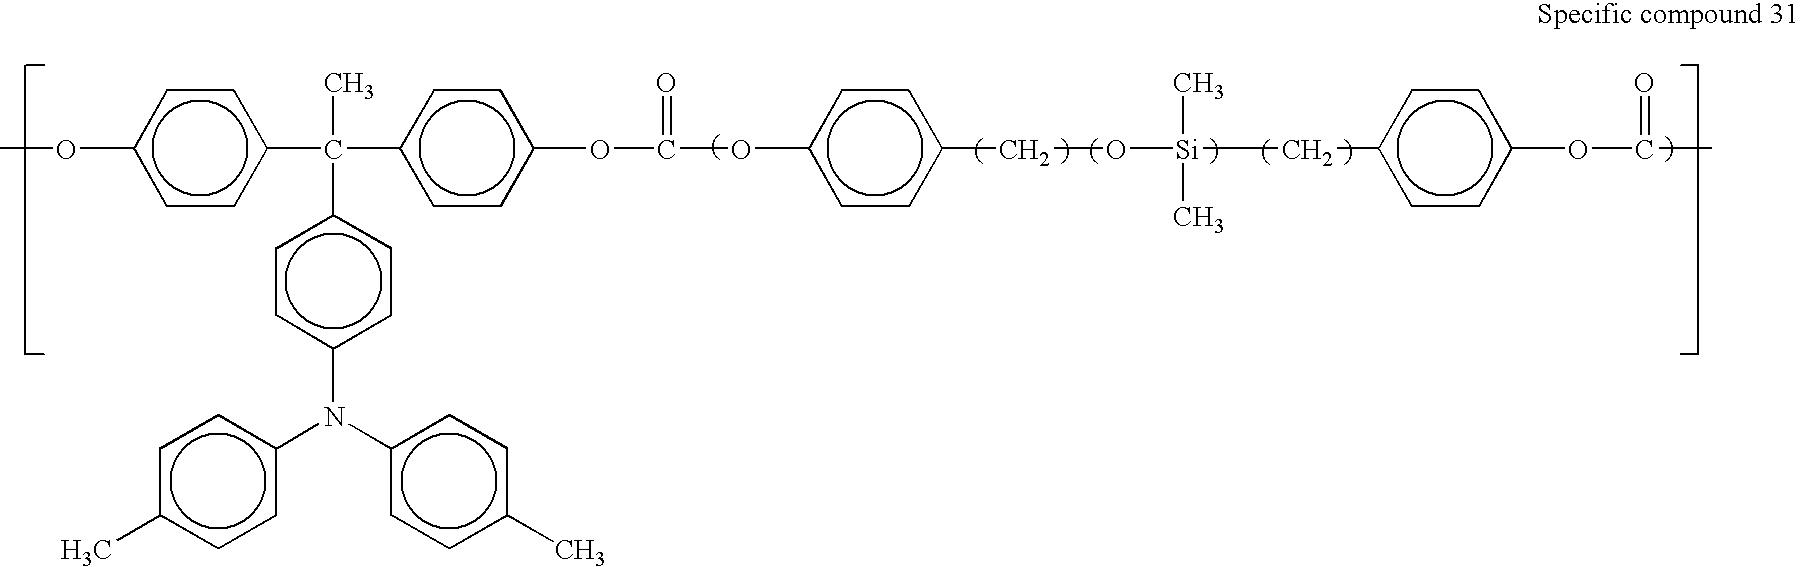 Figure US07282529-20071016-C00022